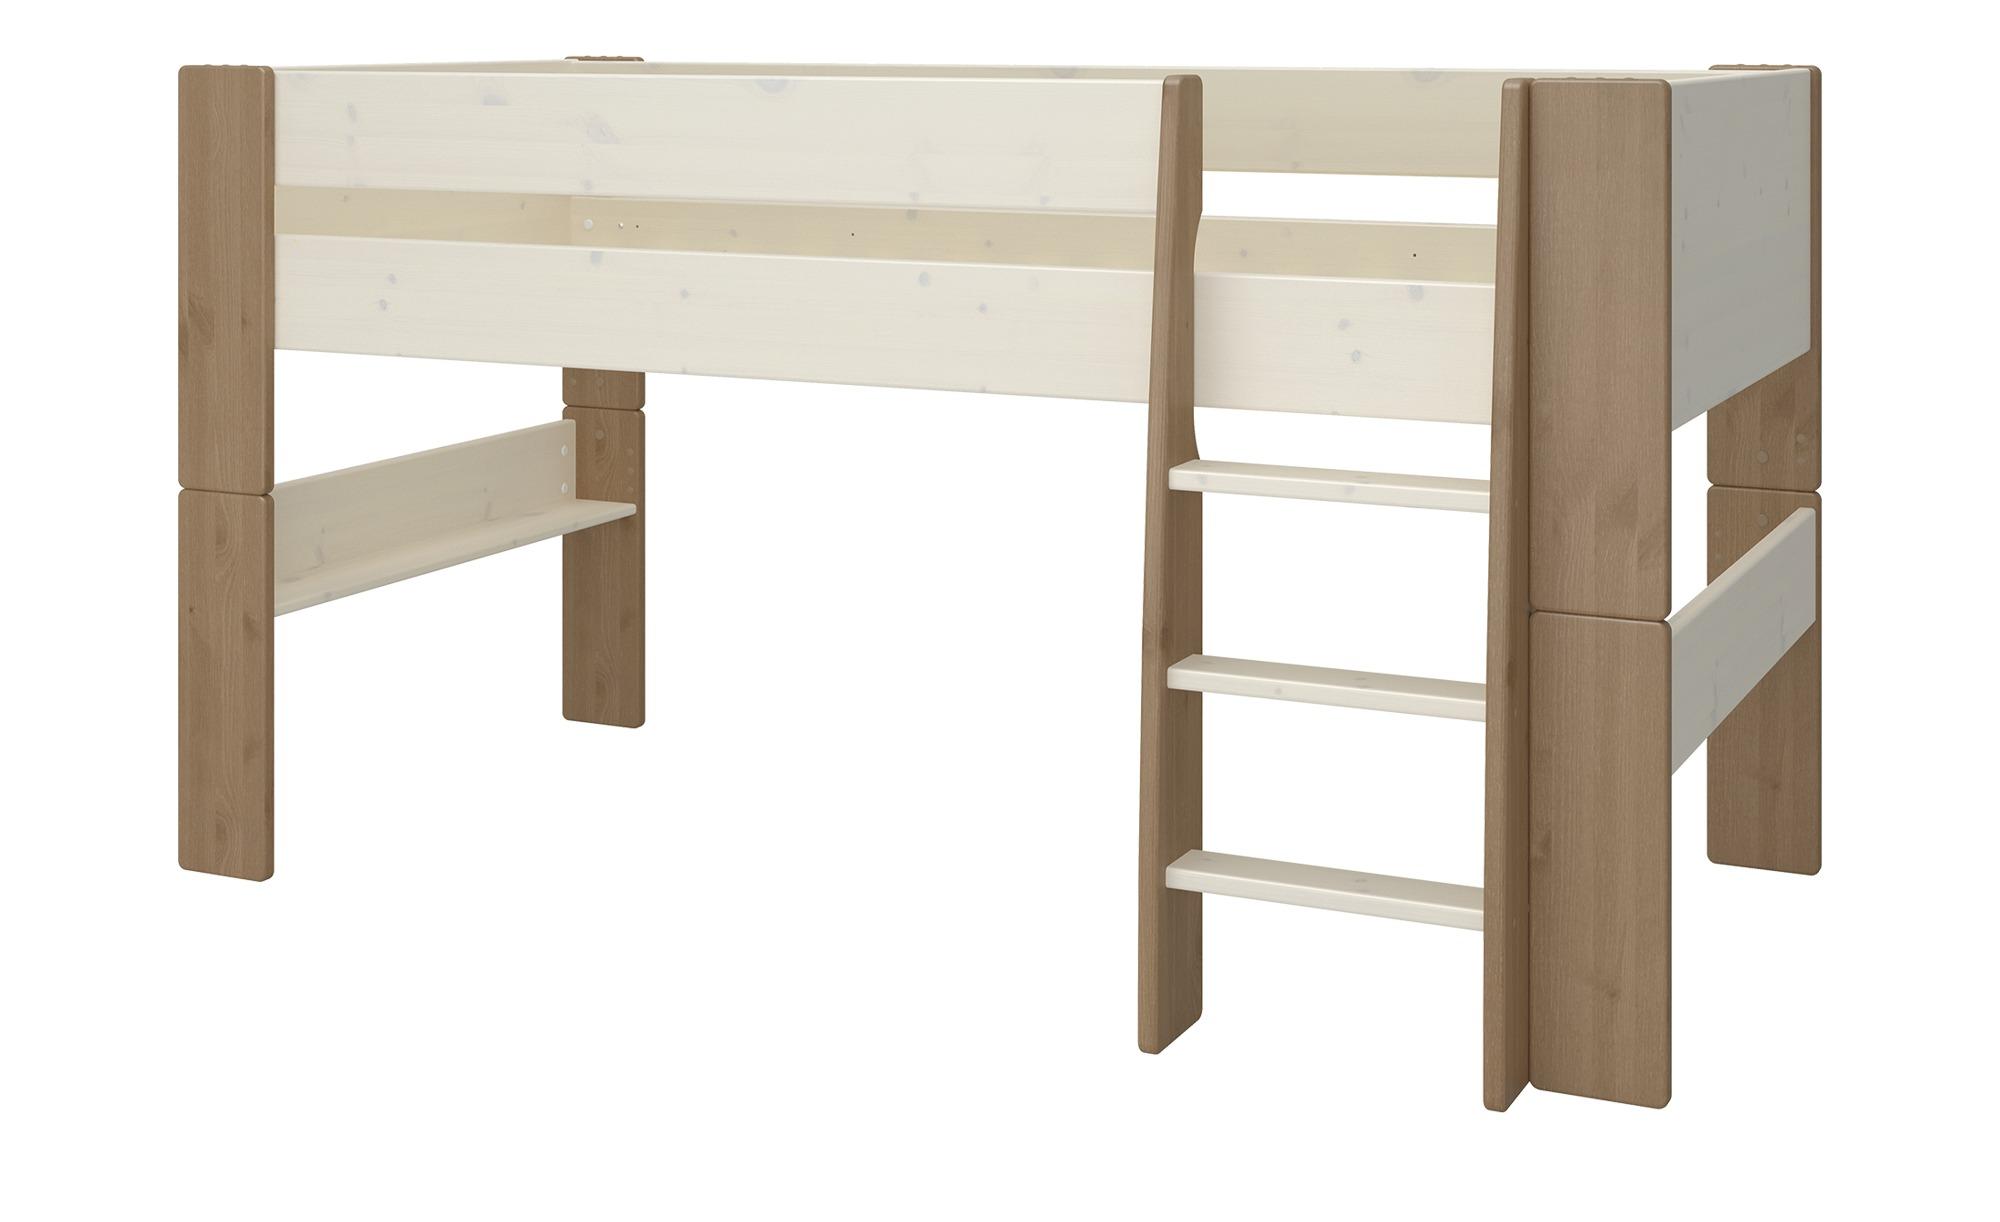 Halbhohes Bett  Malte ¦ holzfarben Kindermöbel > Kinderbetten - Höffner günstig online kaufen